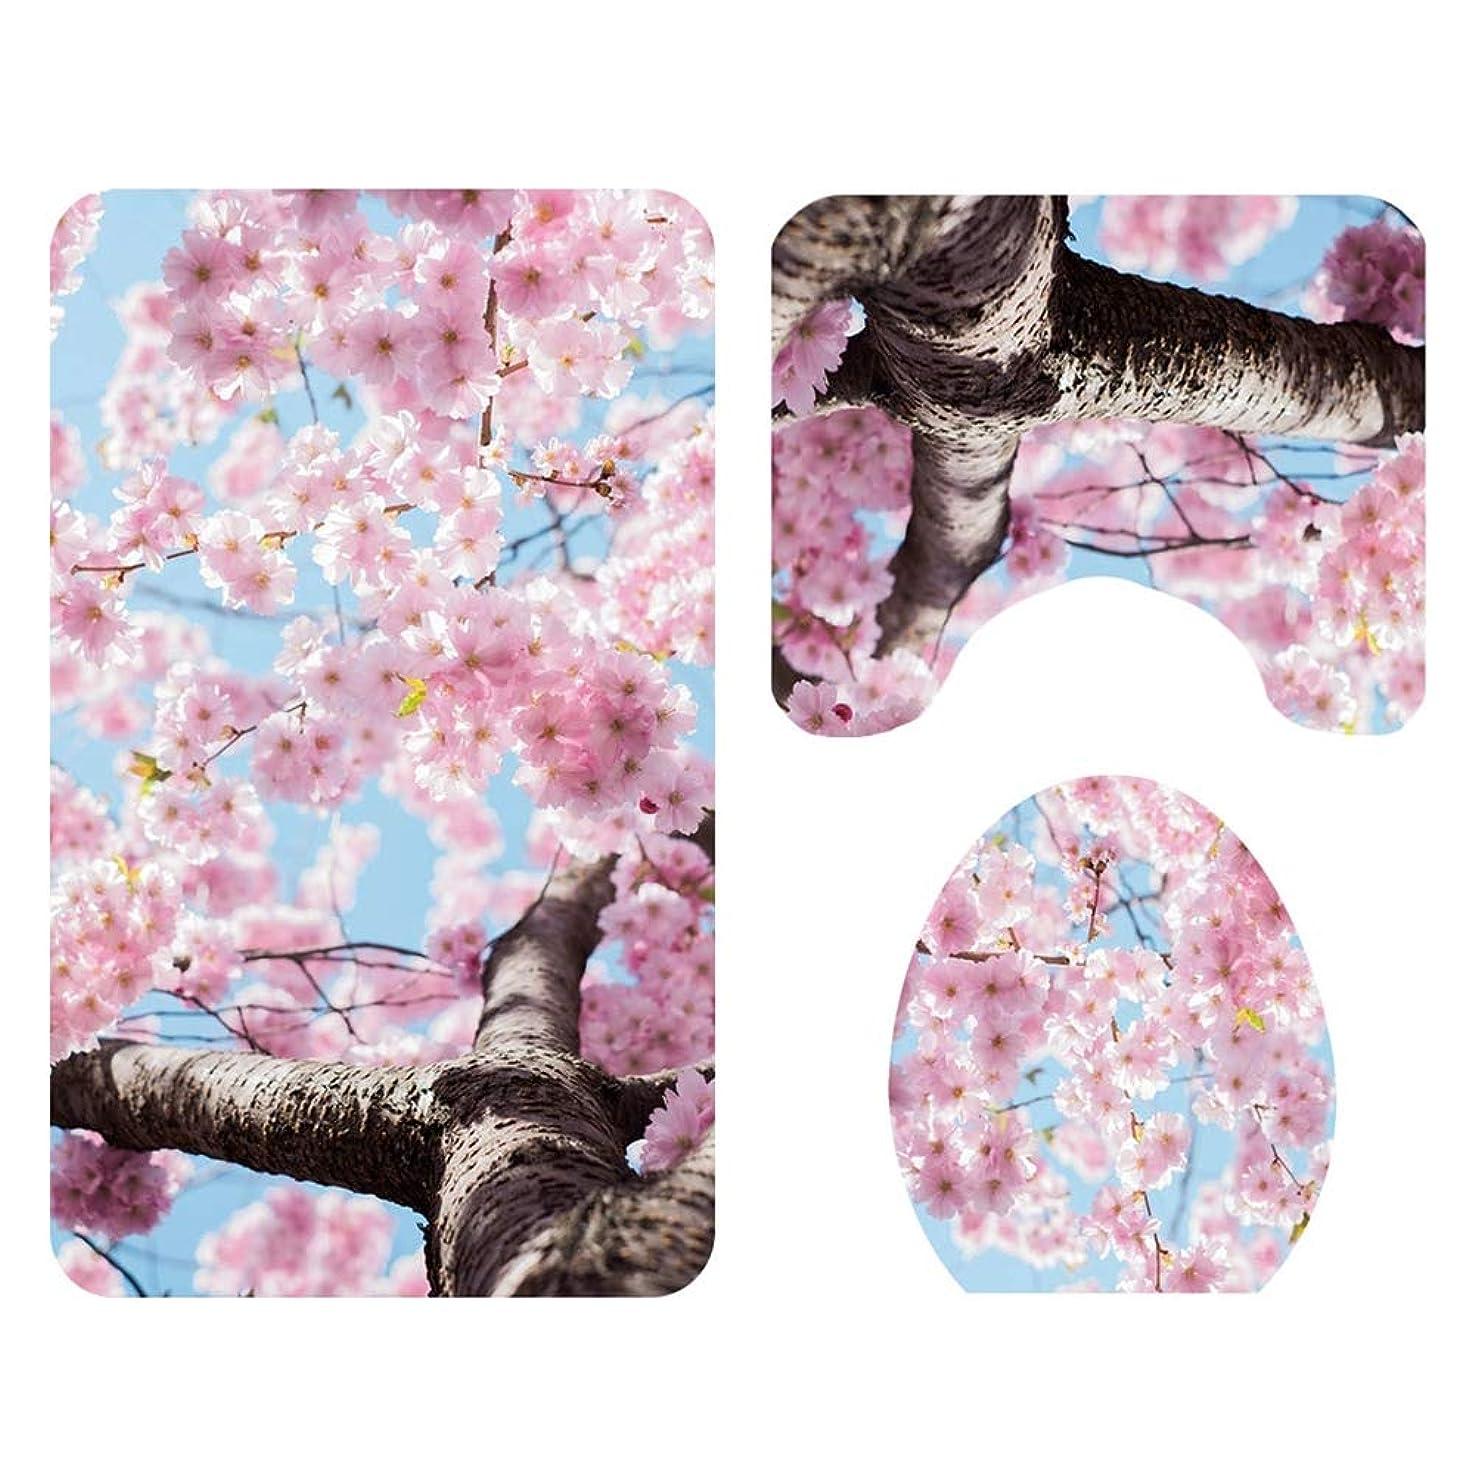 クローゼット必要条件ましいTOPBATHY 3ピース浴室敷物マット付き花柄台座マット滑り止めバスマットトイレ蓋ふたカバートイレ敷物セット